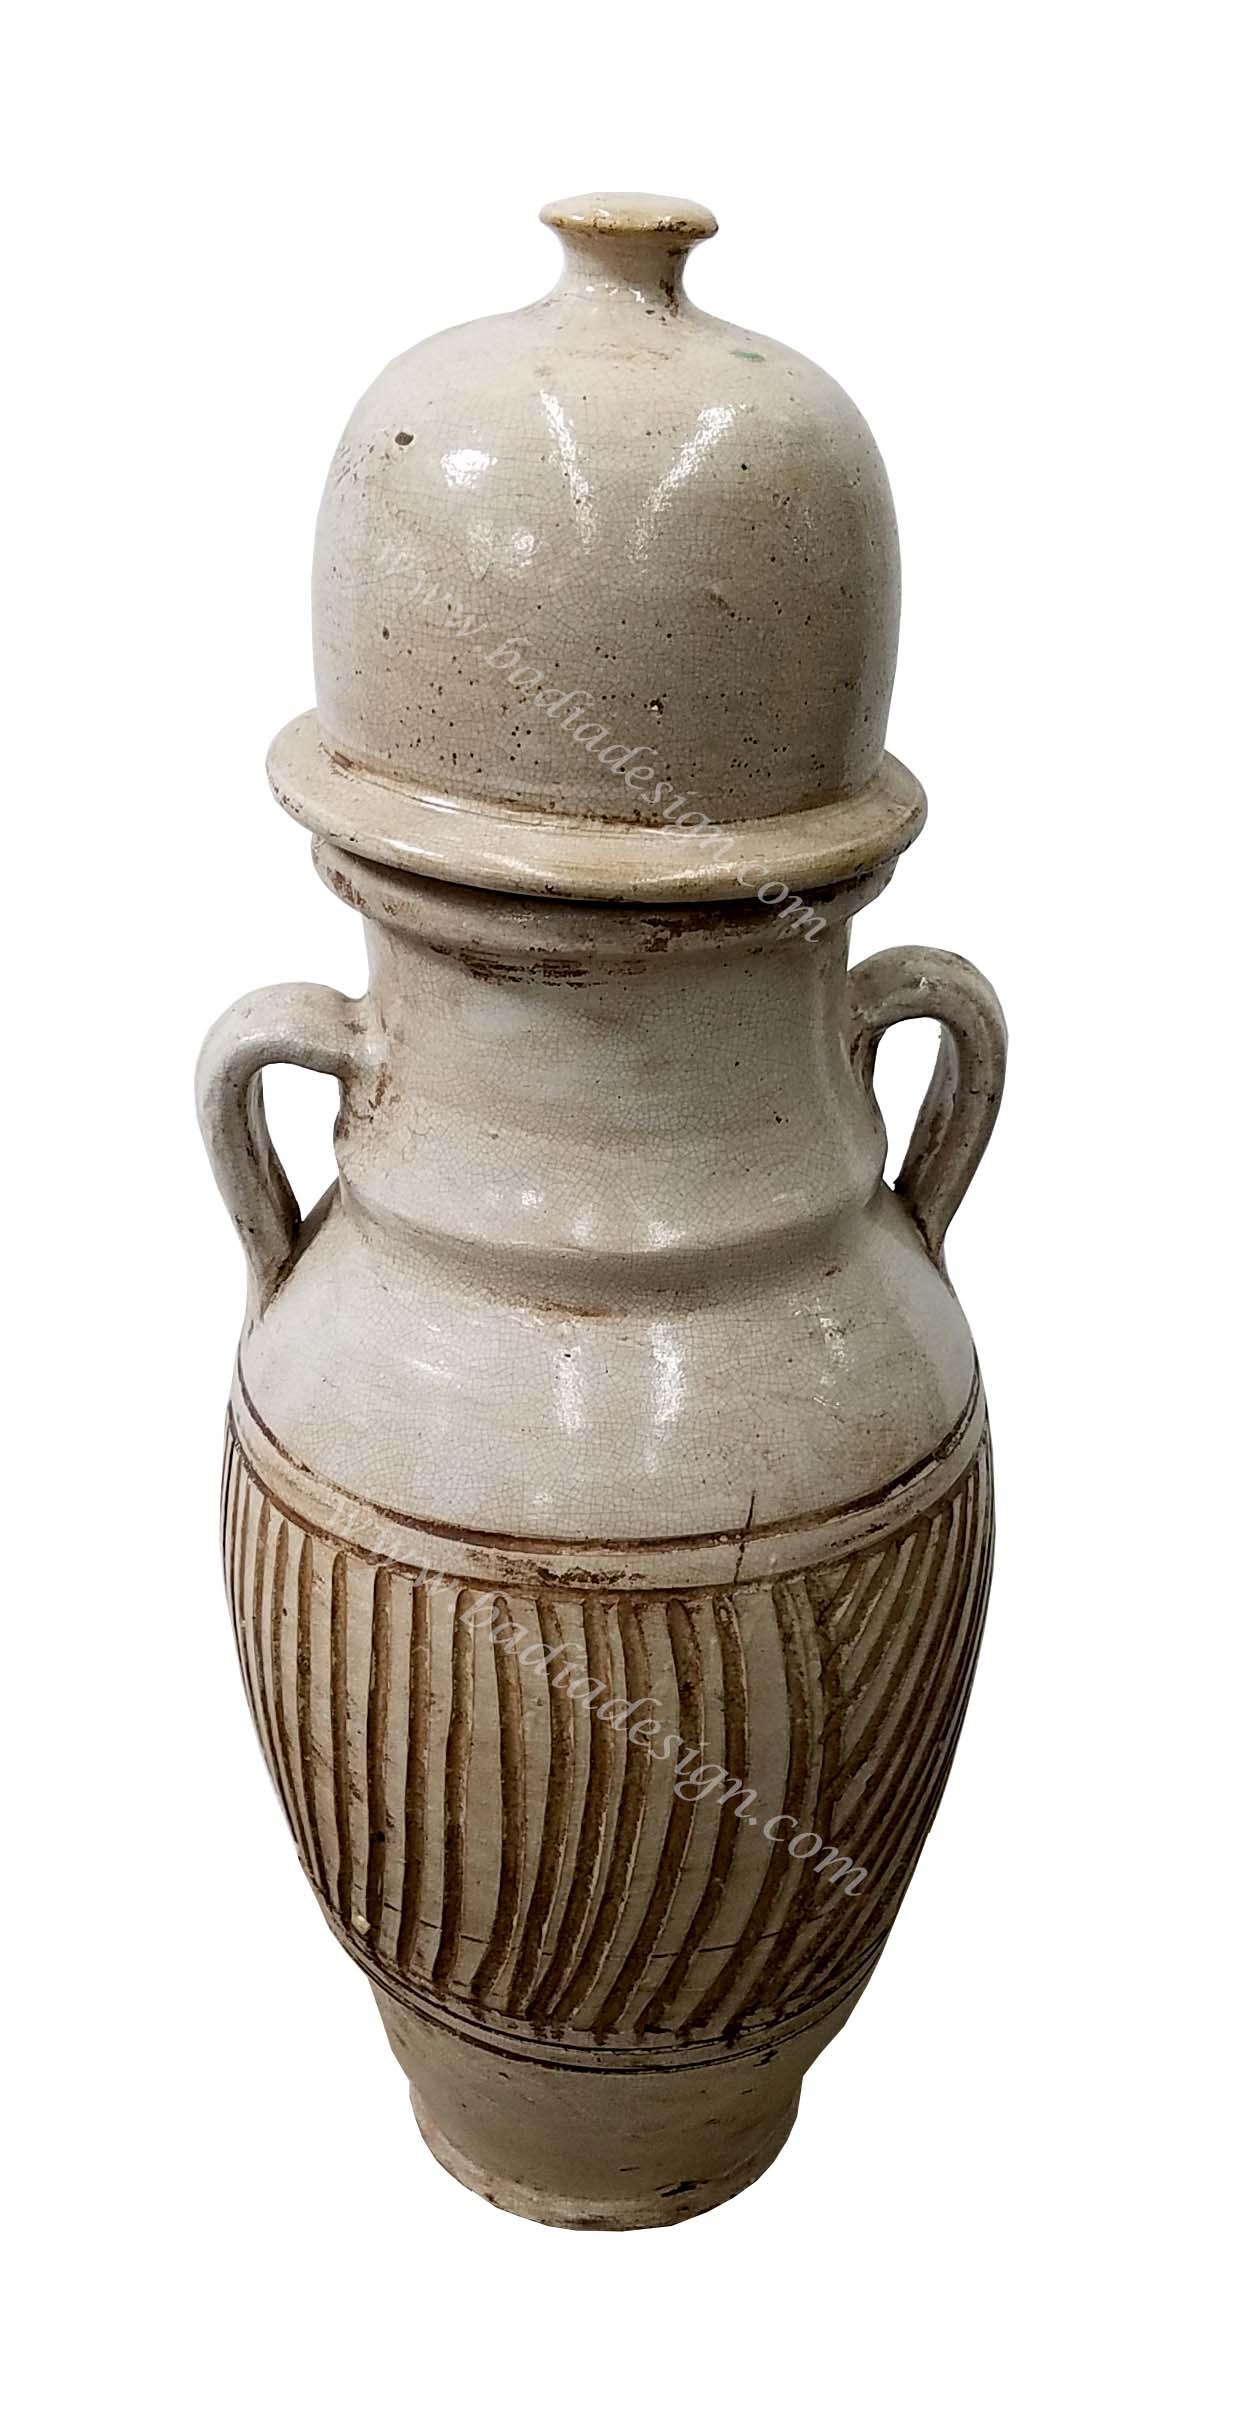 moroccan-ceramic-urn-vase-va069.jpg